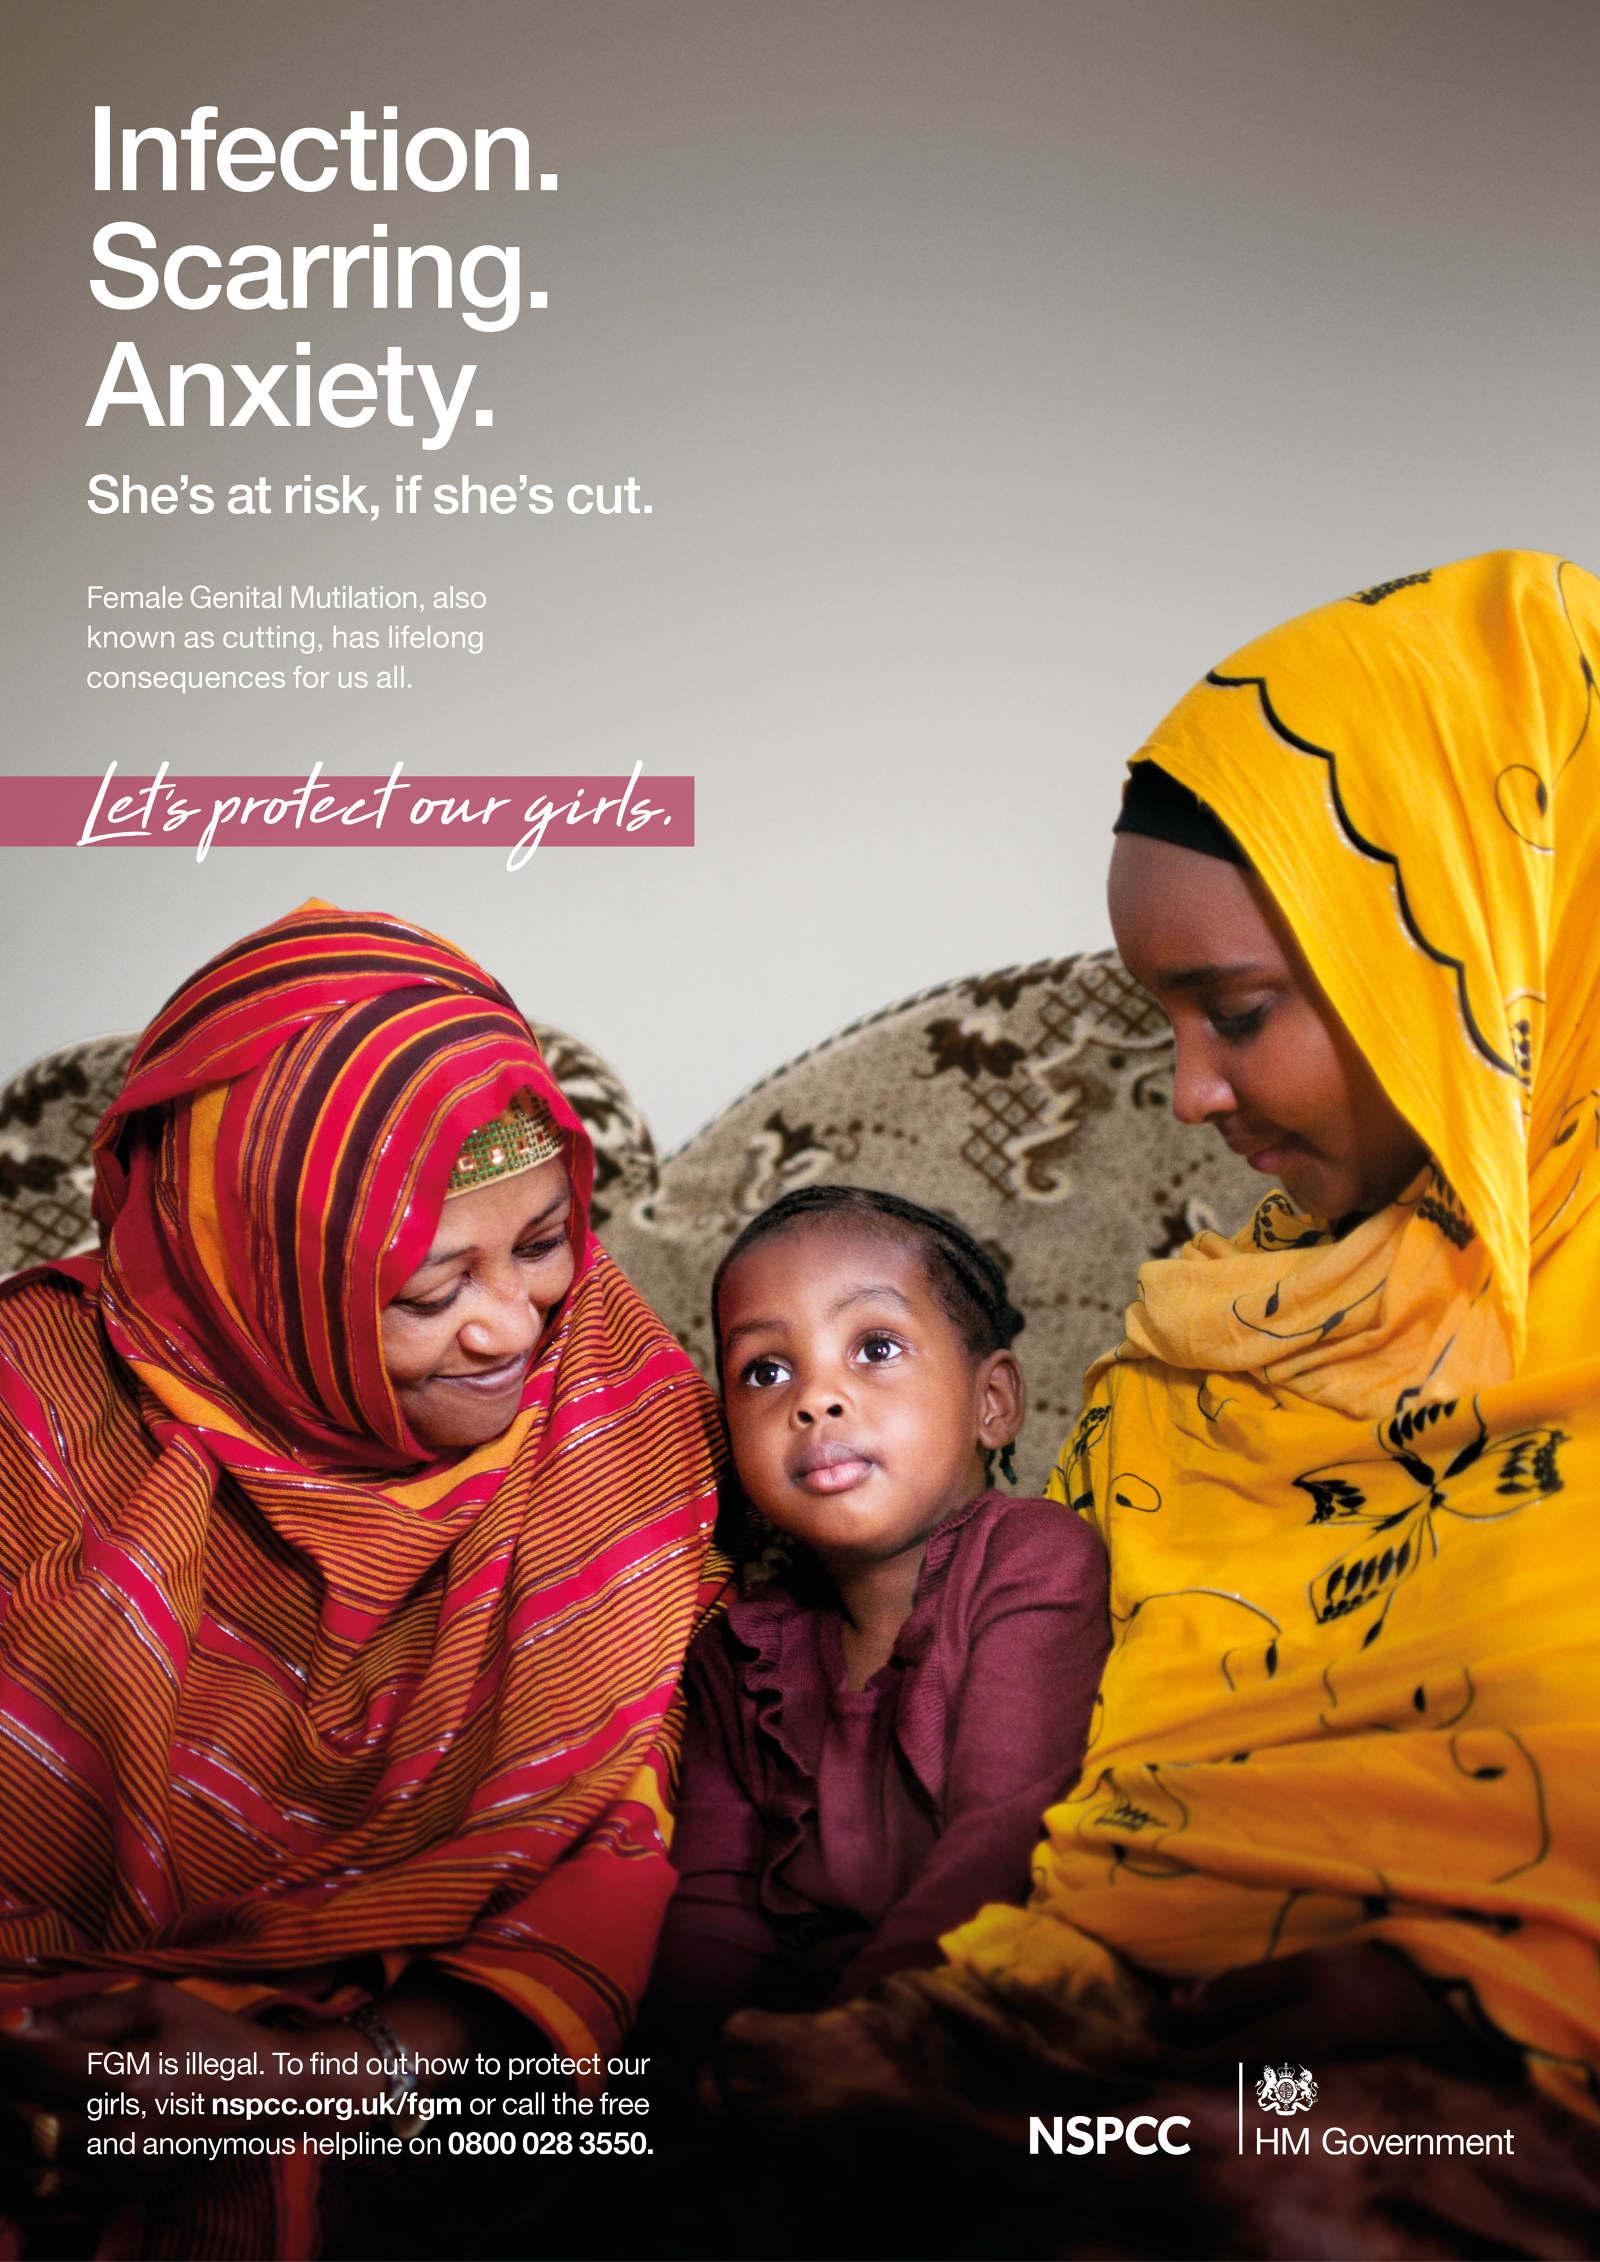 FGM_posters4_1600_c.jpg